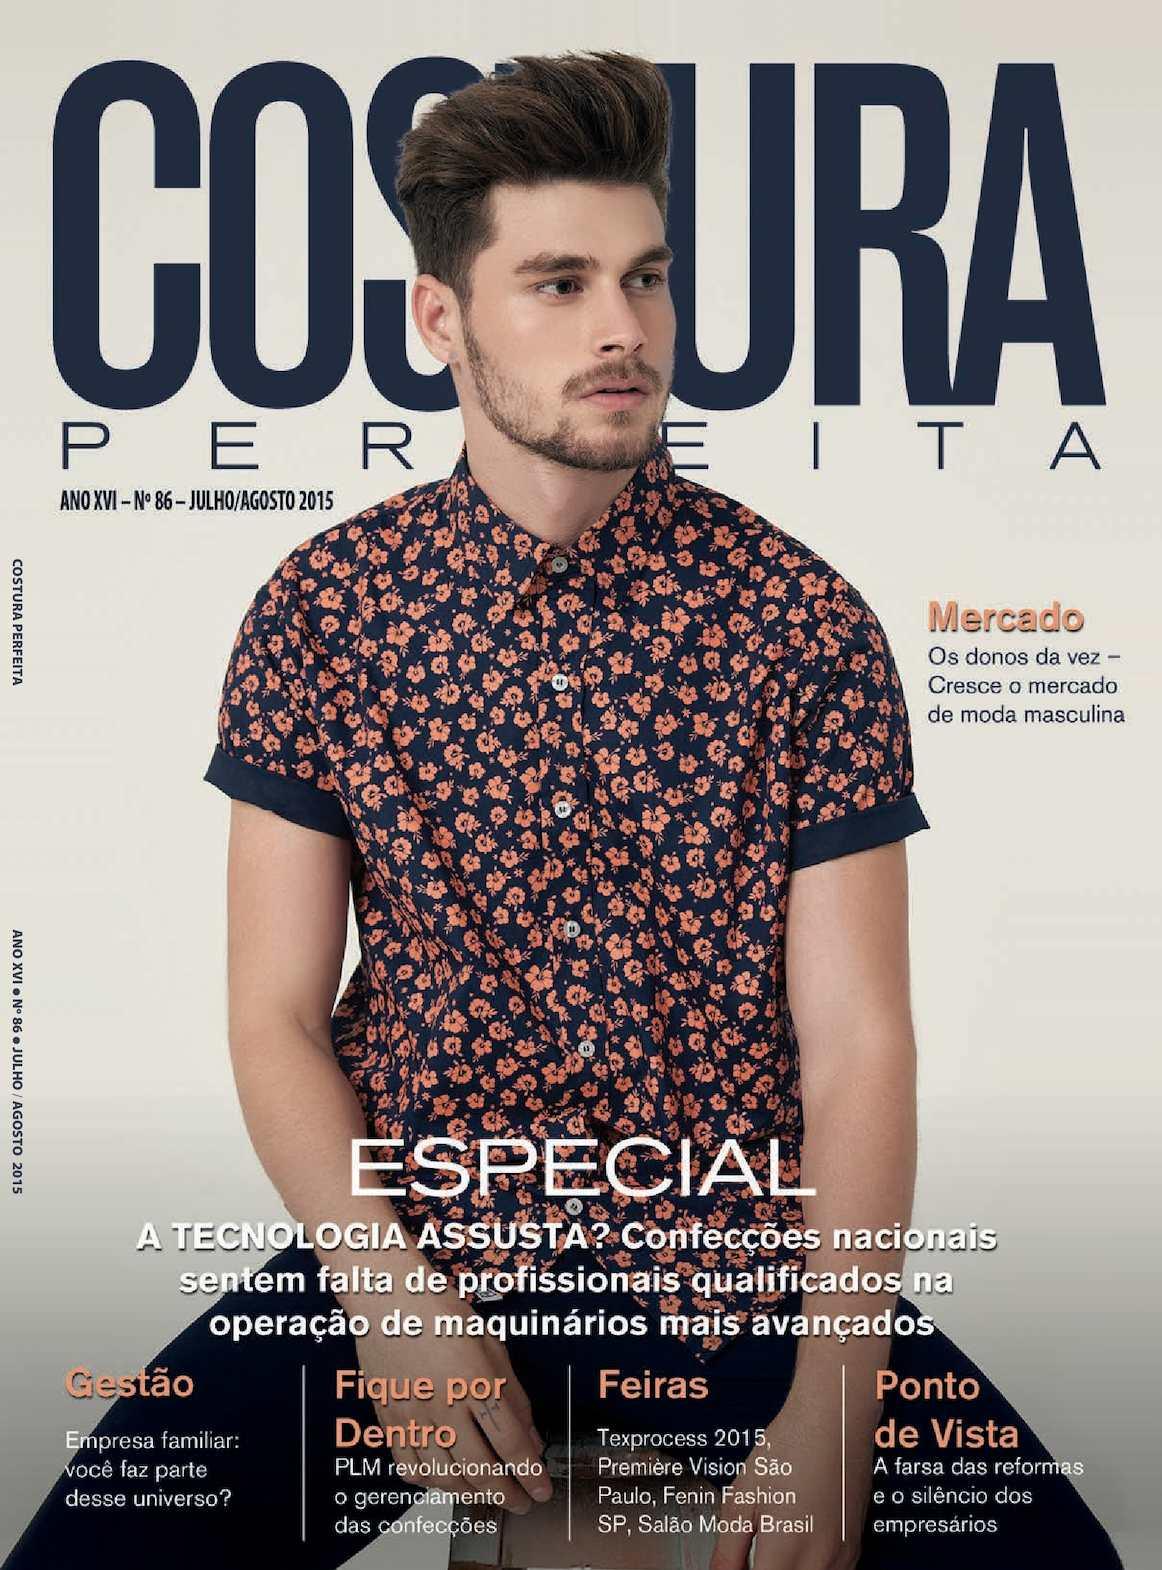 Calaméo - Revista Costura Perfeita Edição Ano XVI - N86 - Julho-Agosto 2015 987a2b31eb